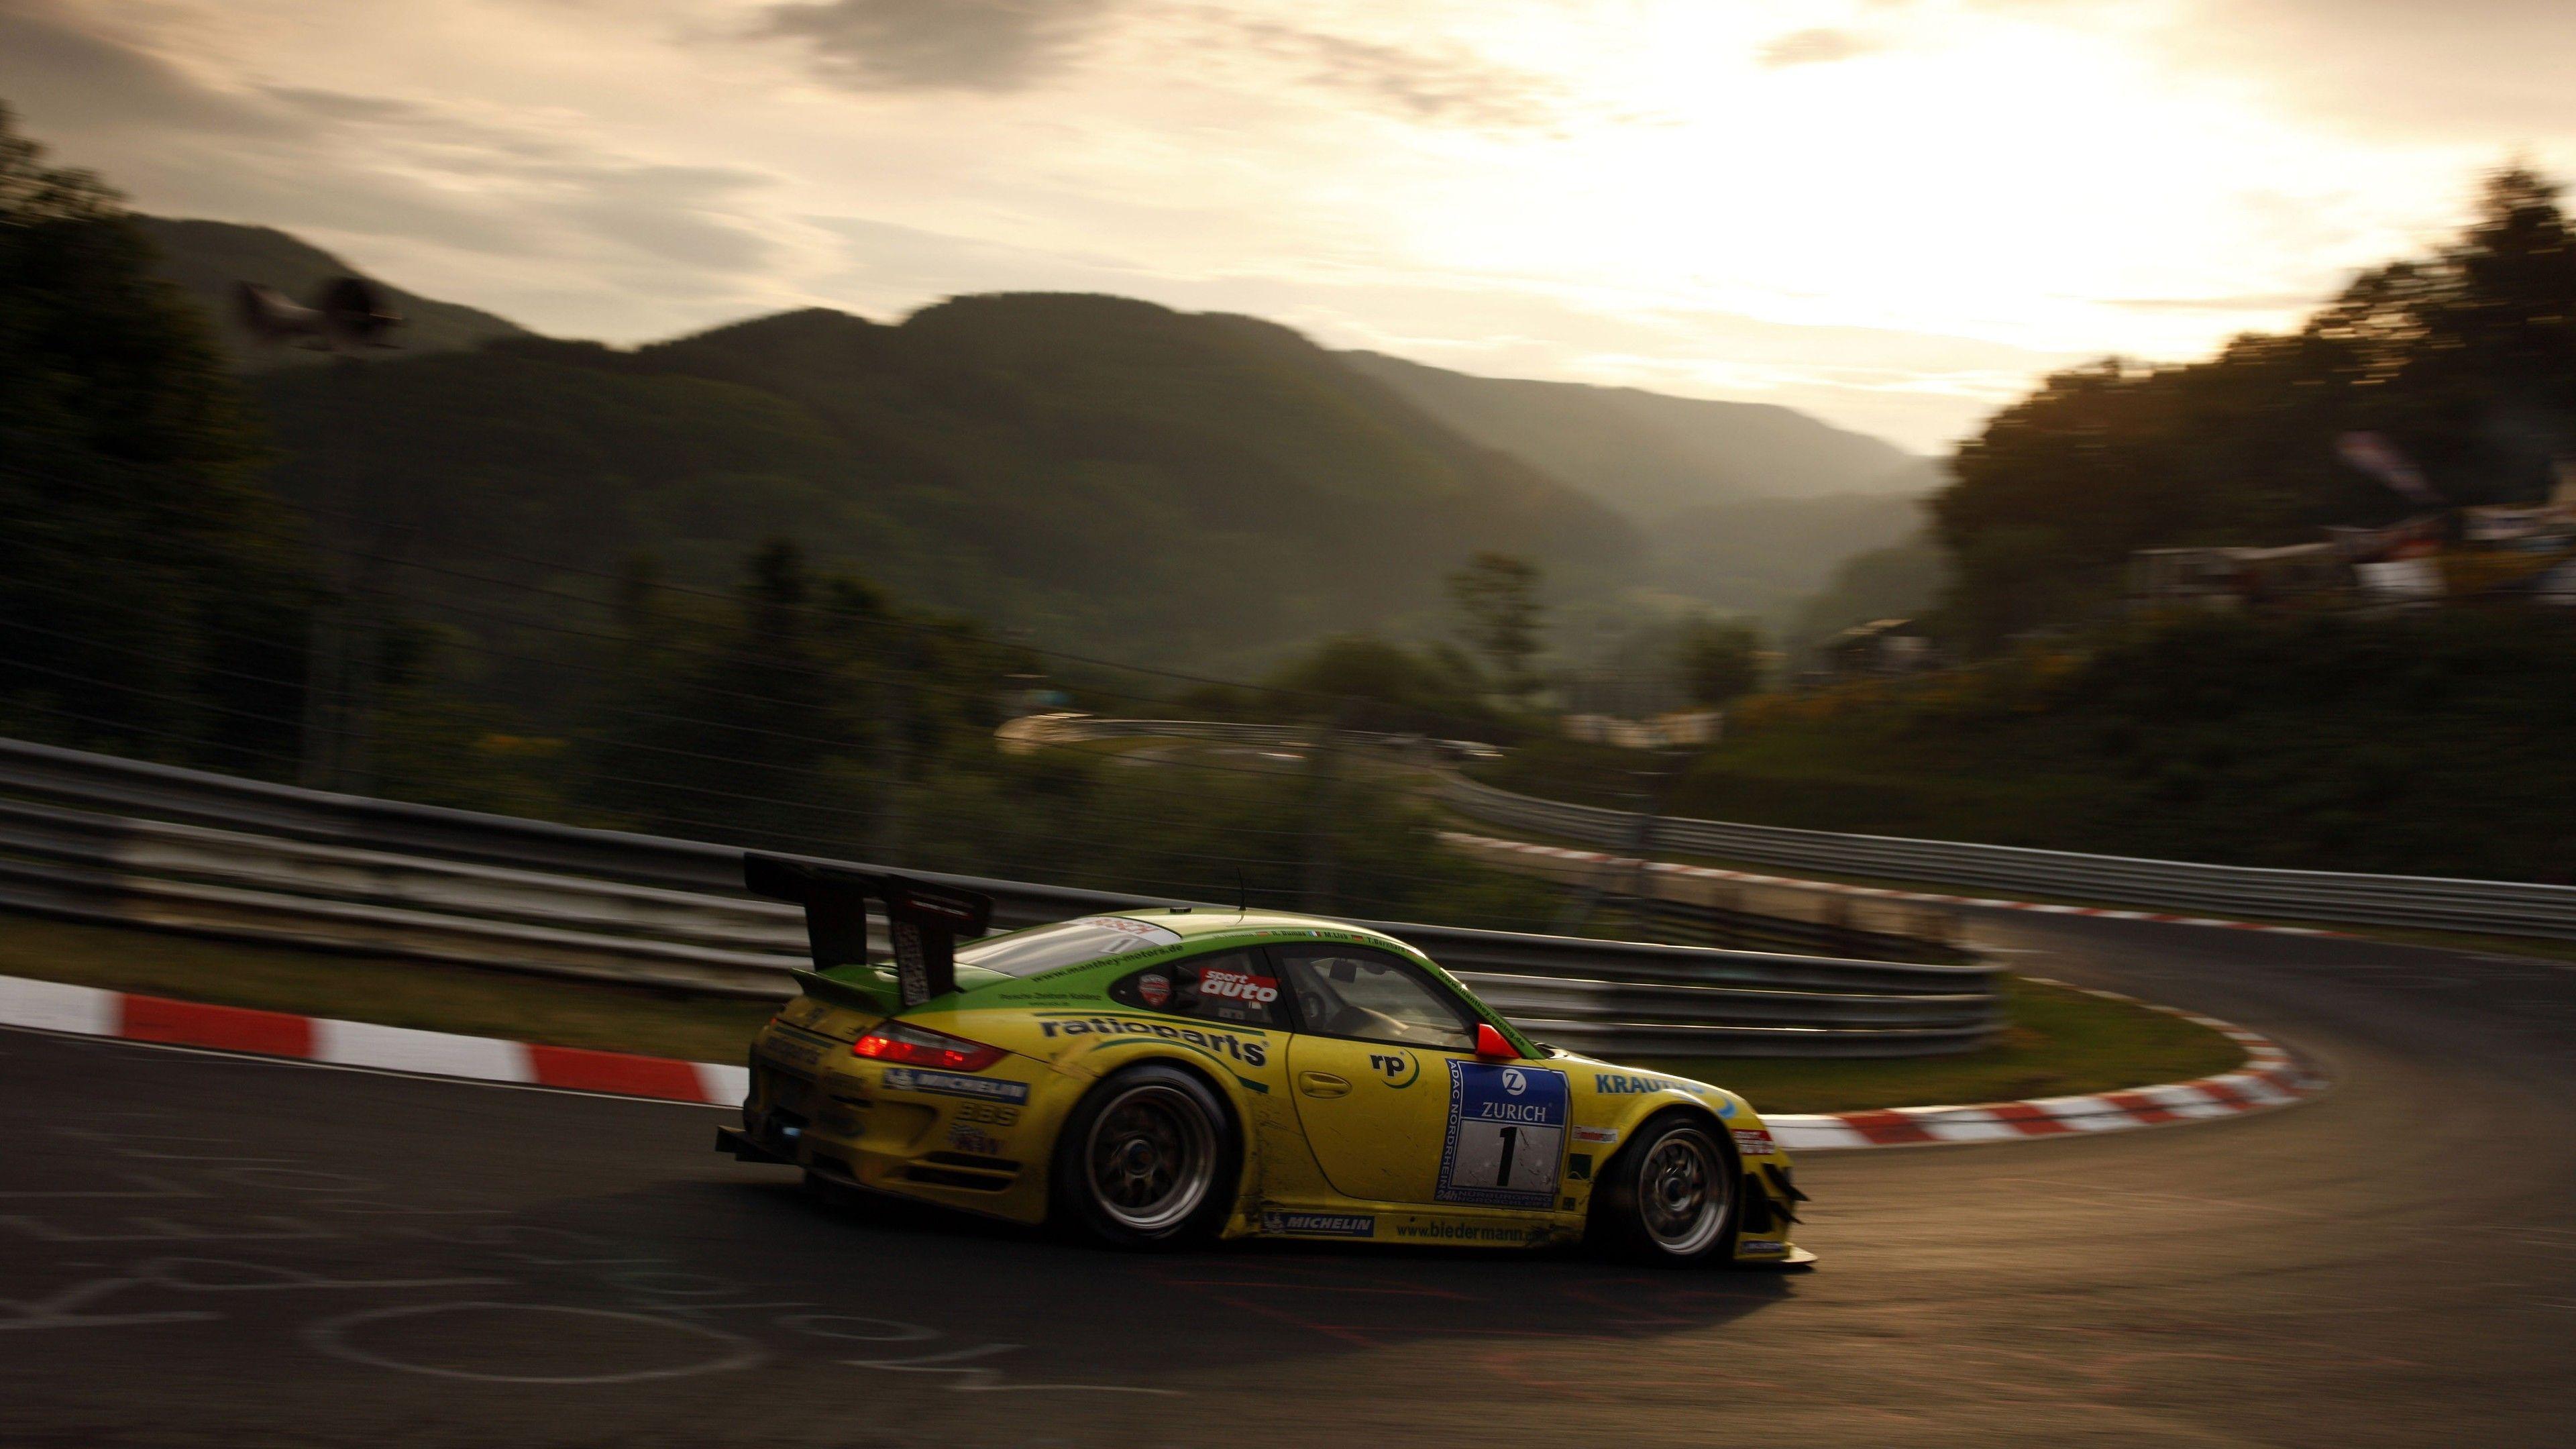 Porsche Gtr On Track Porsche Wallpapers Hd Wallpapers Cars Wallpapers 5k Wallpapers 4k Wallpapers Porsche Gtr Car Wallpapers Yellow Car